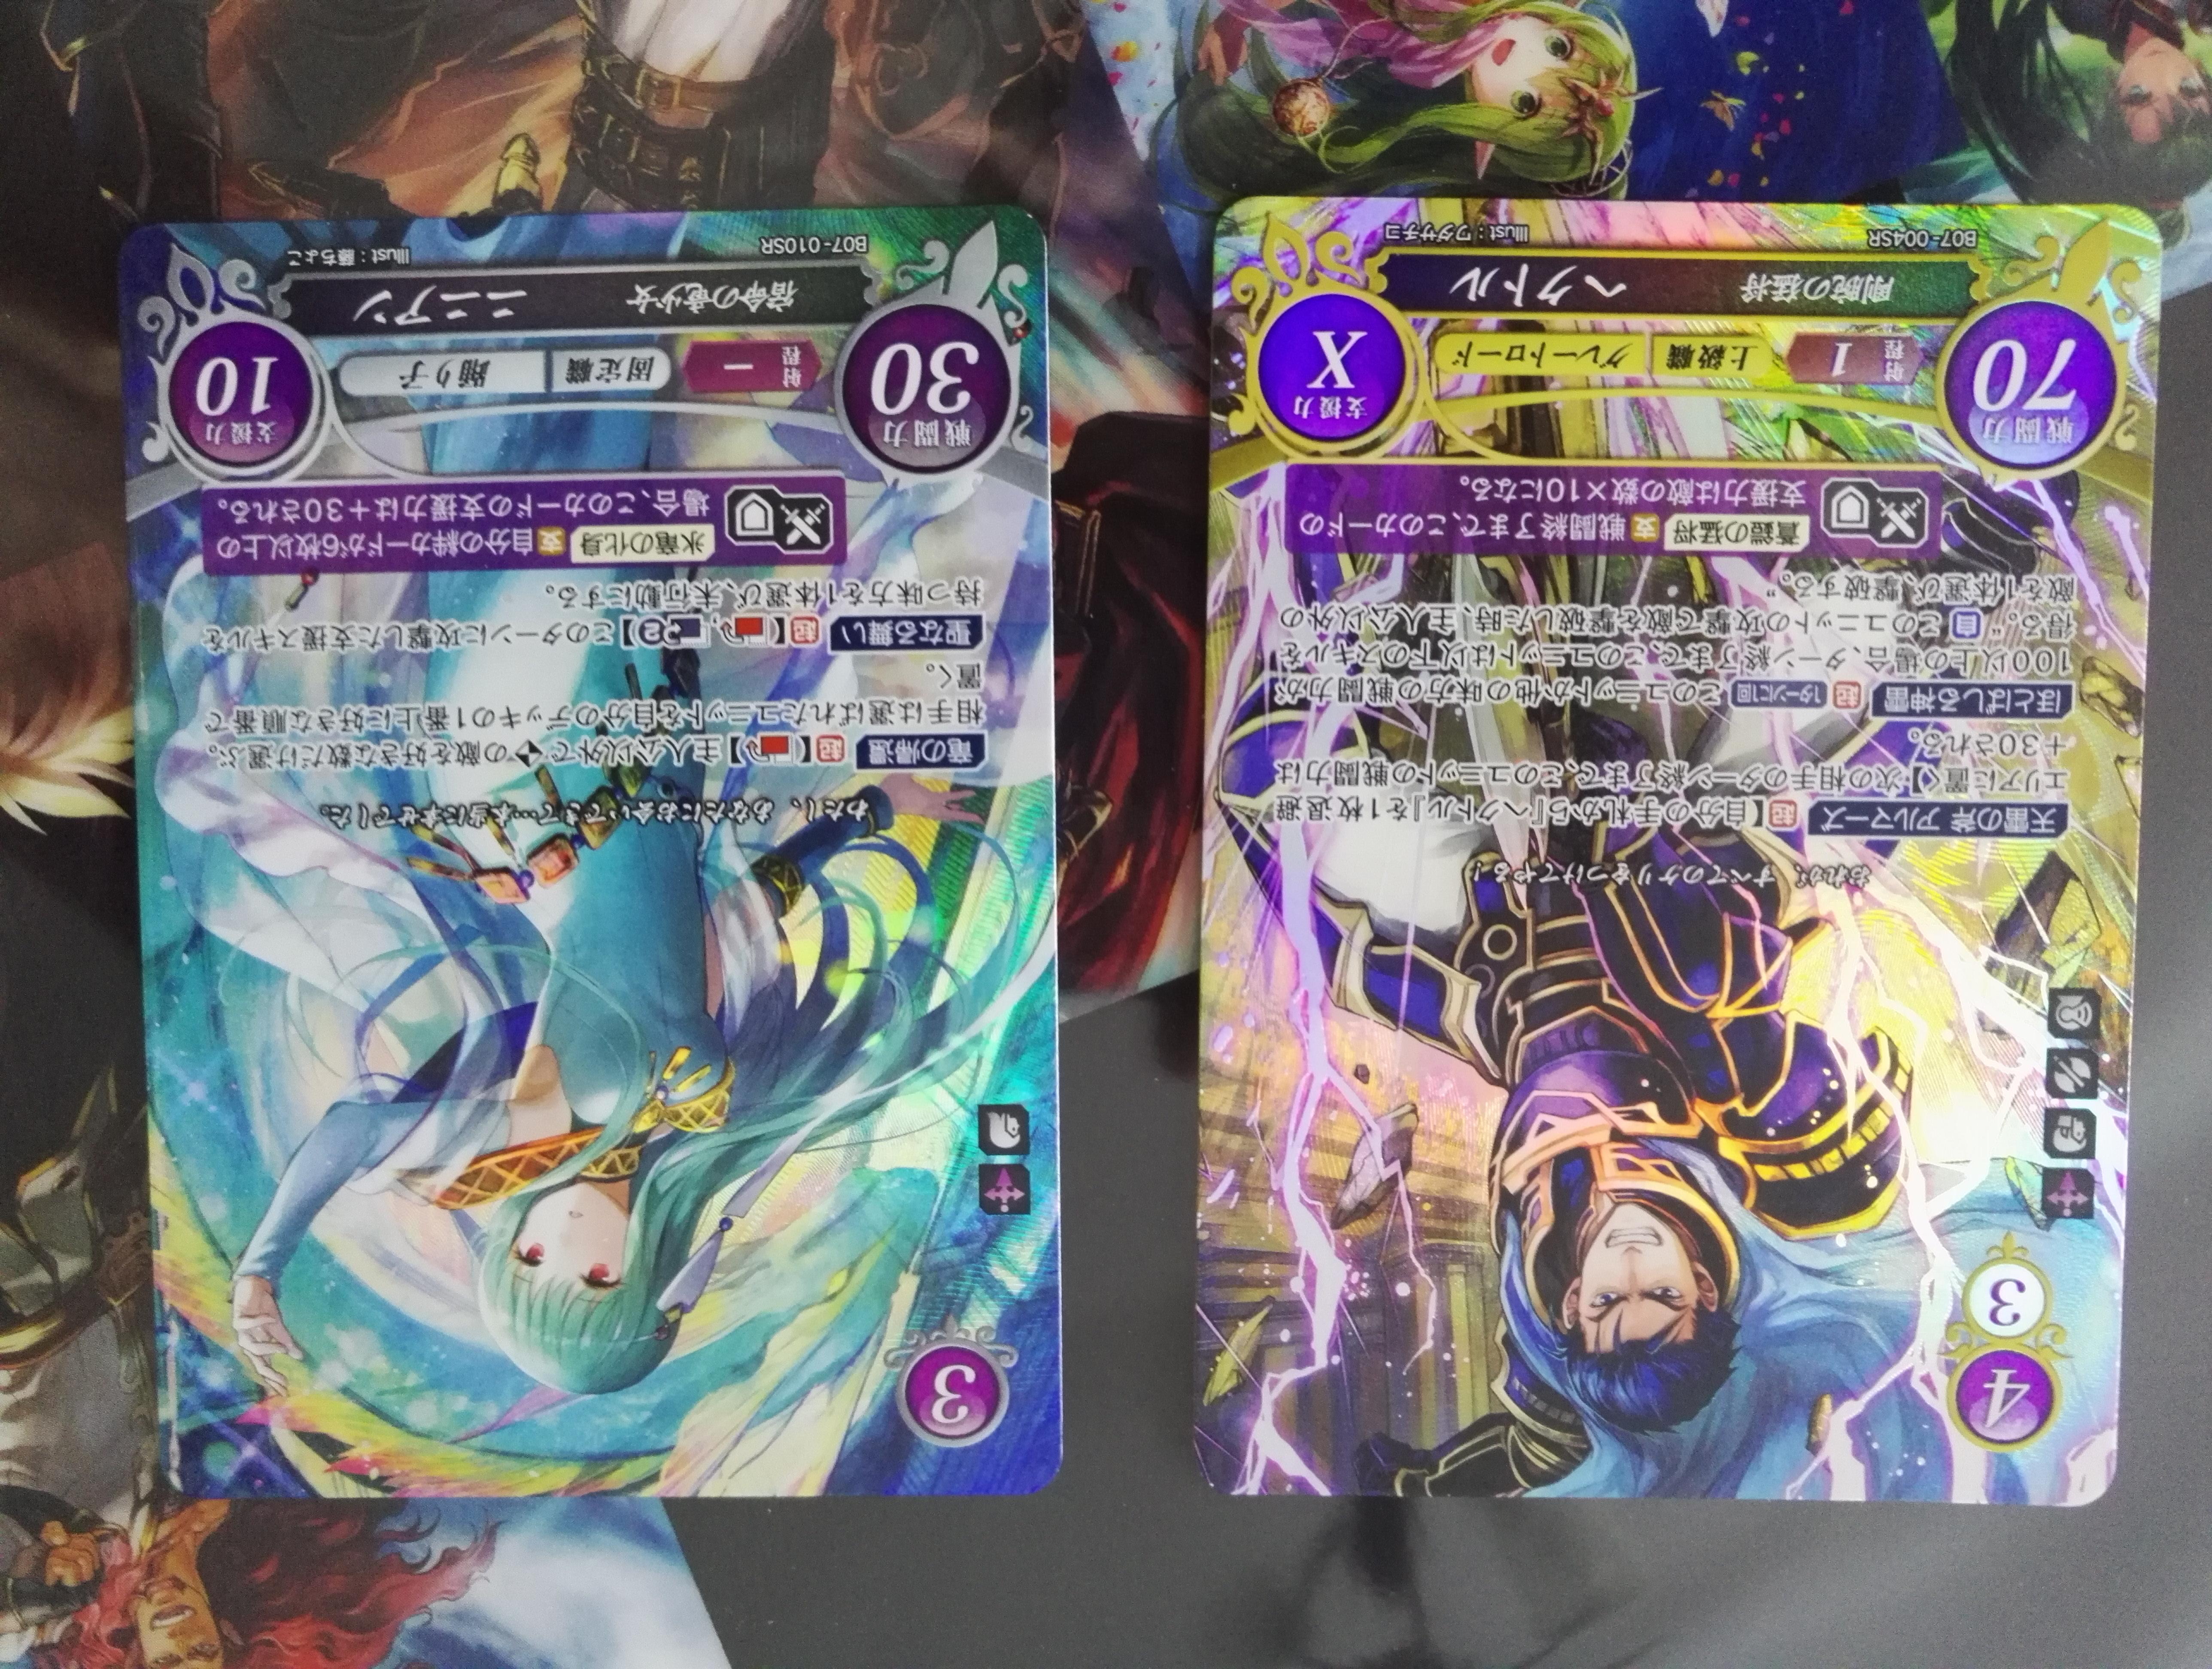 Fire Emblem jeu de cartes Cipher - Page 65 1501784052-img-20170803-171609